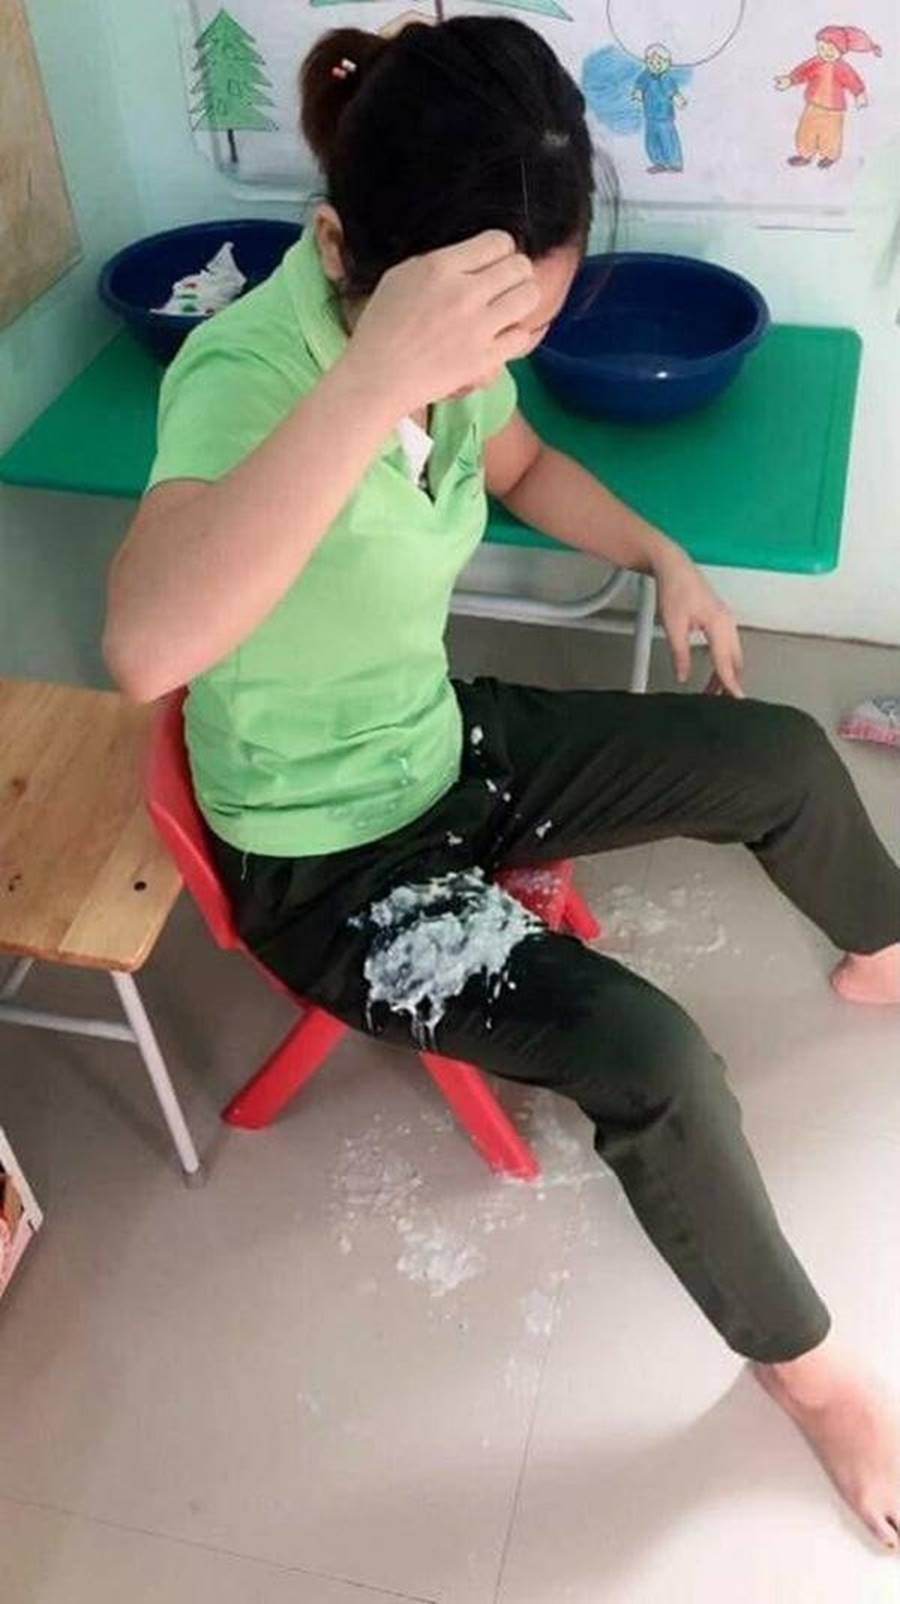 Kể chuyện bữa trưa nào cũng dọa cho học sinh phát khóc, cô giáo mầm non suýt bị mắng, mọi người nghe ngọn ngành thì lại xót xa-3